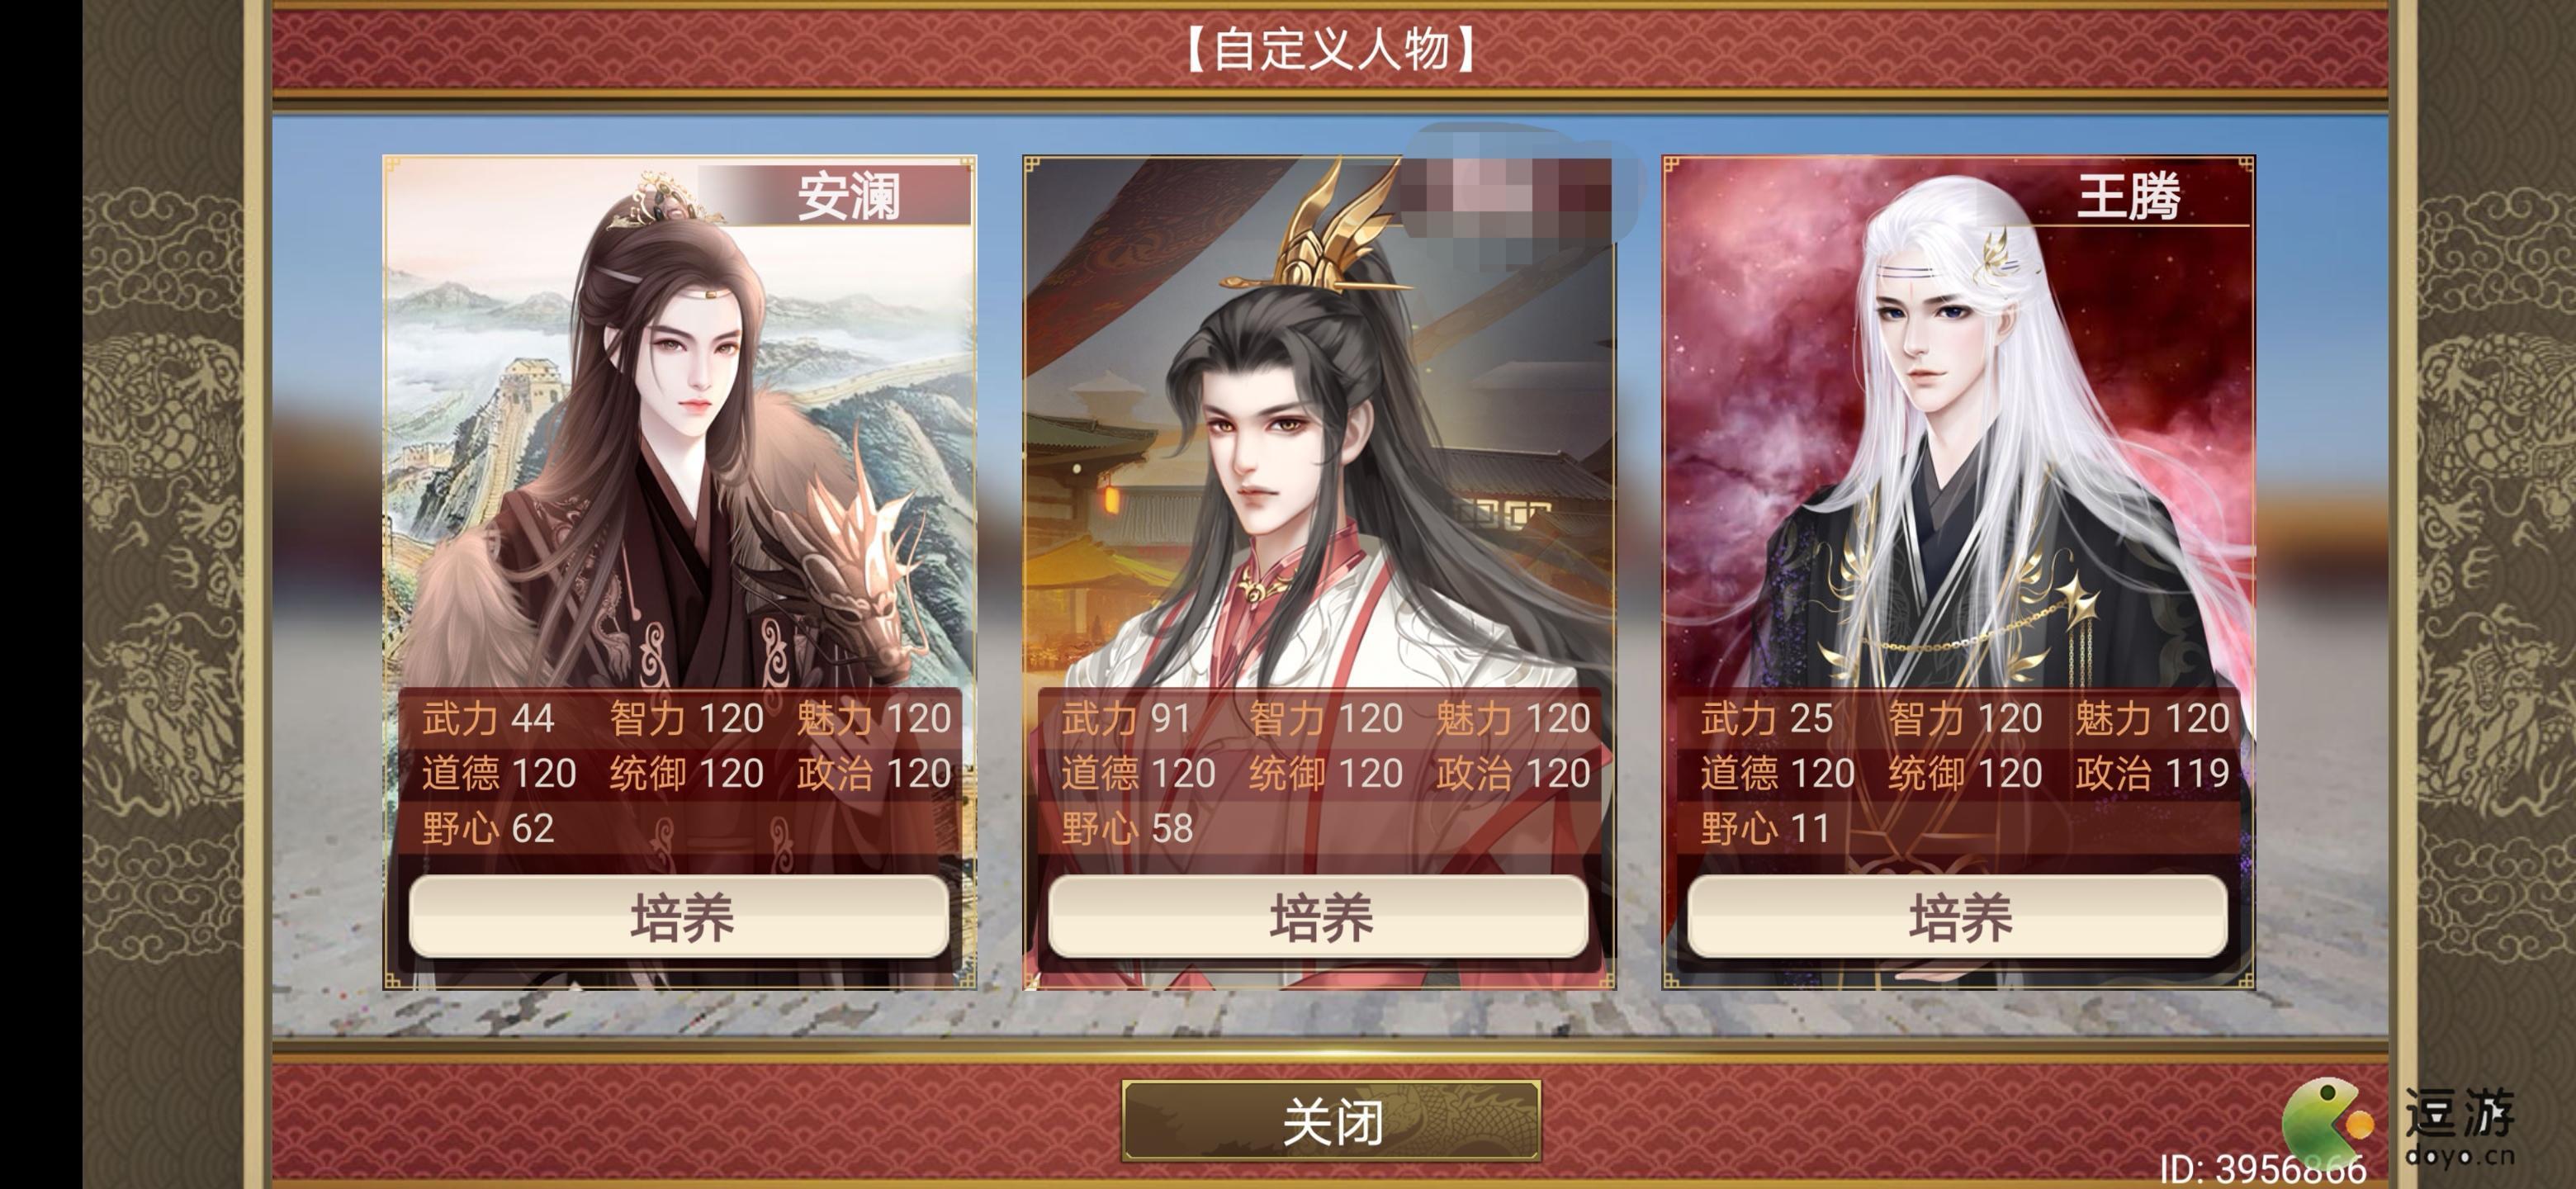 皇帝成长计划2自定义角色人物玩法攻略